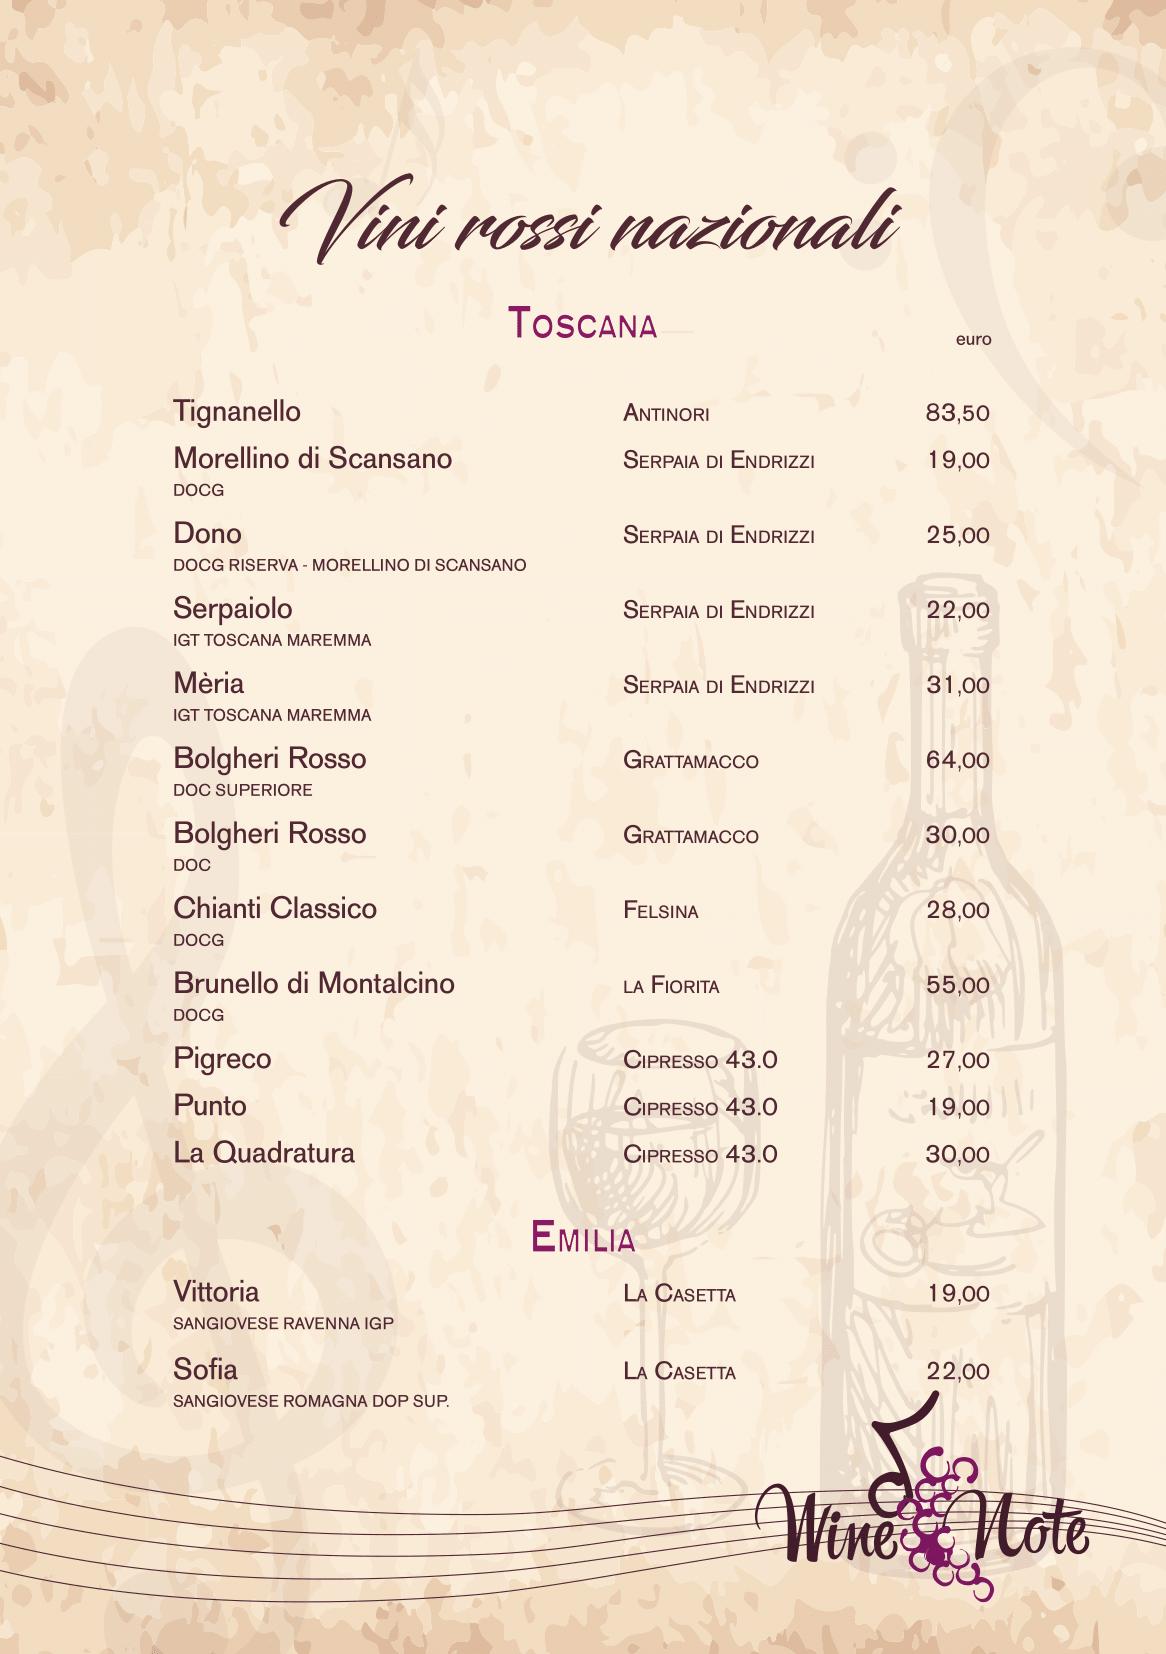 Wine note menu e vini A5-09